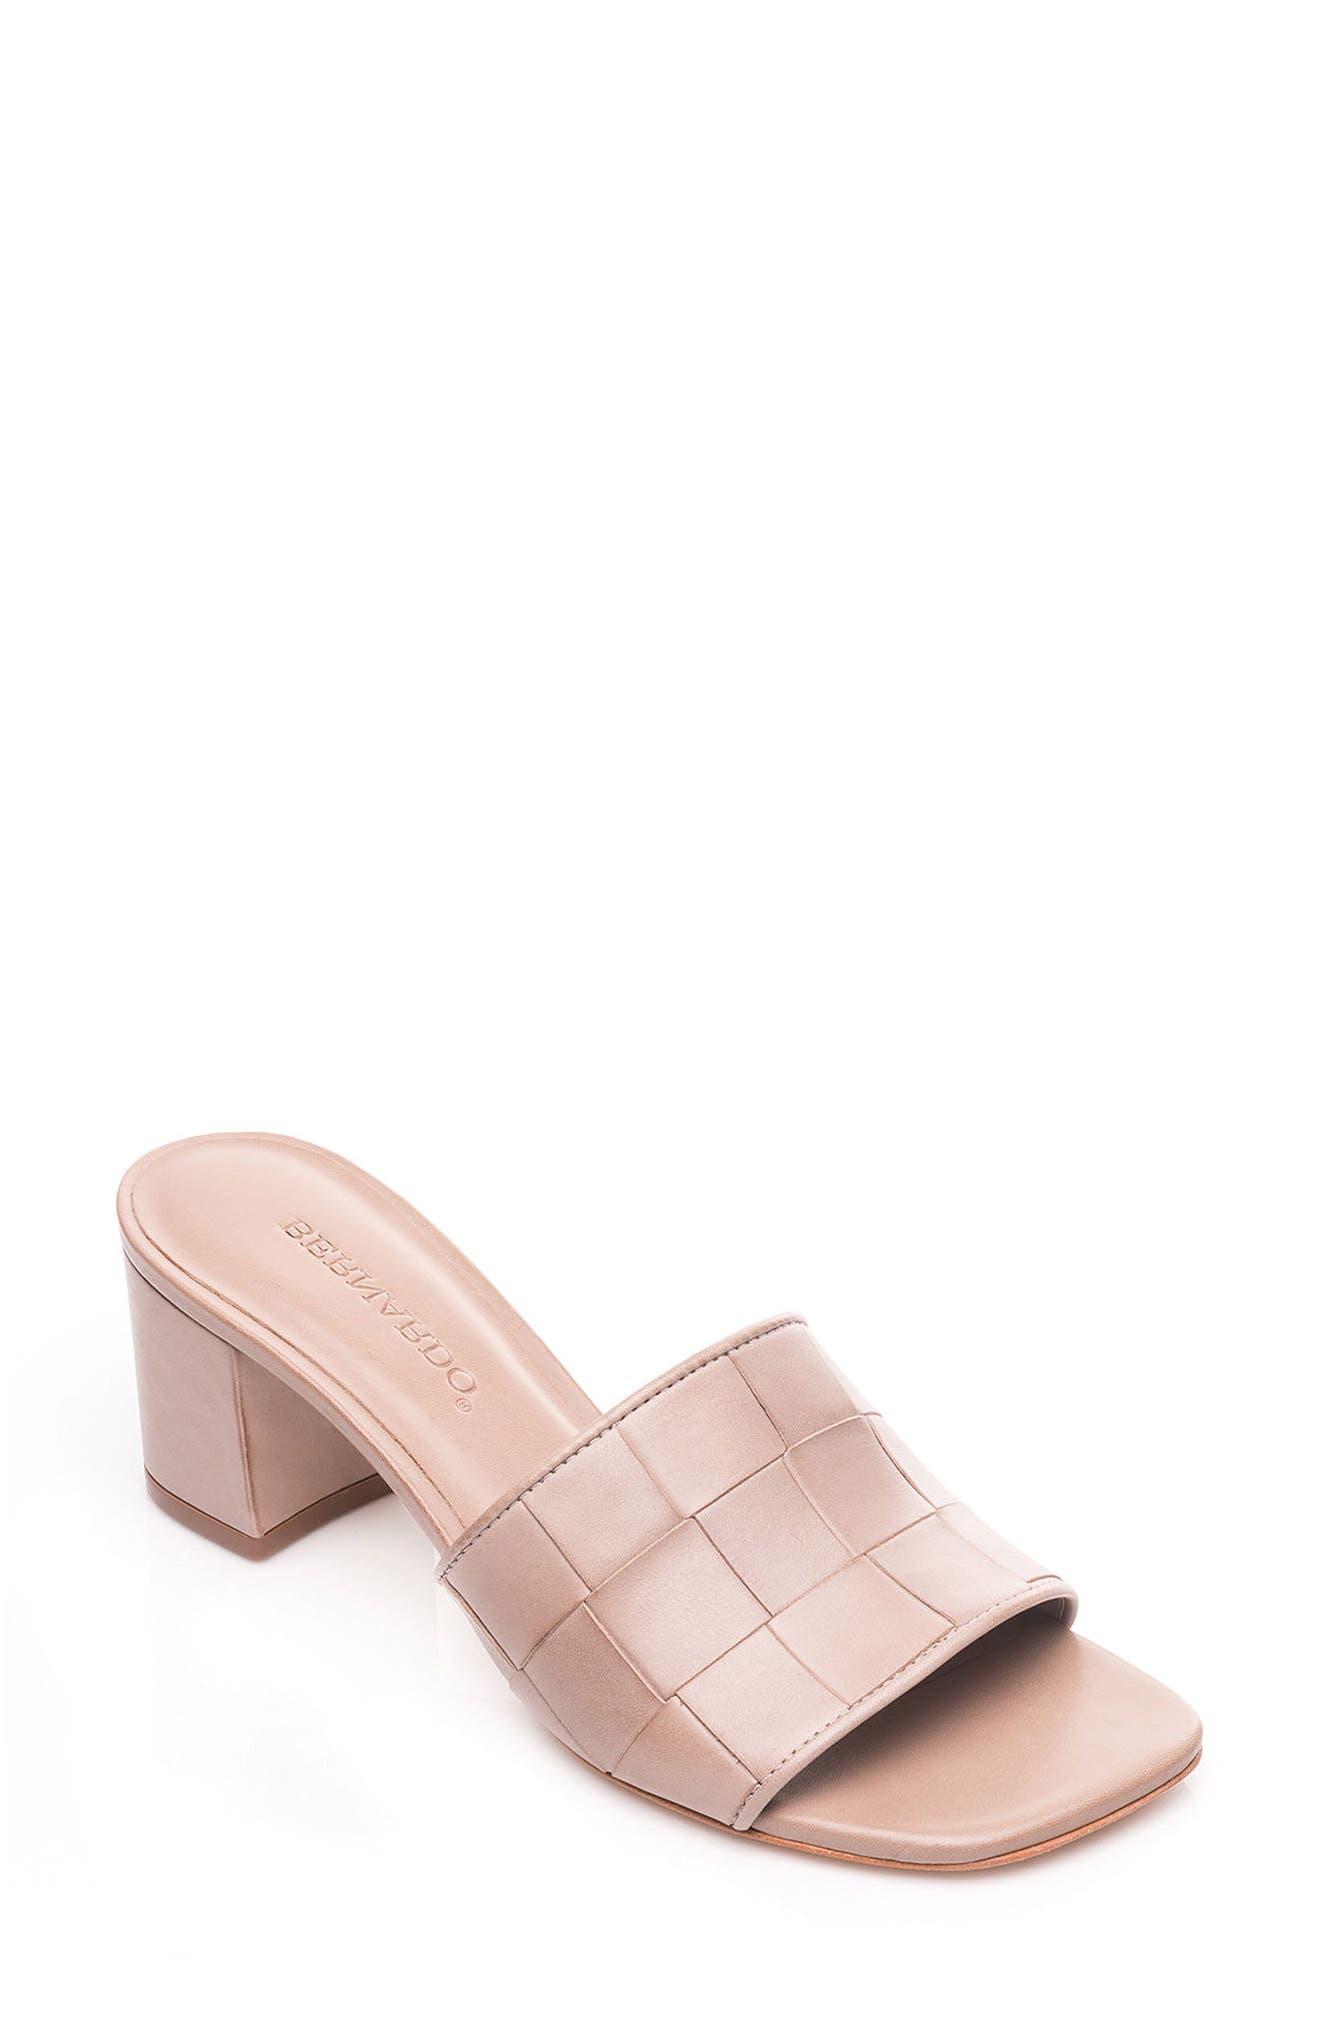 Bernardo Bridget Block Heel Sandal,                             Main thumbnail 2, color,